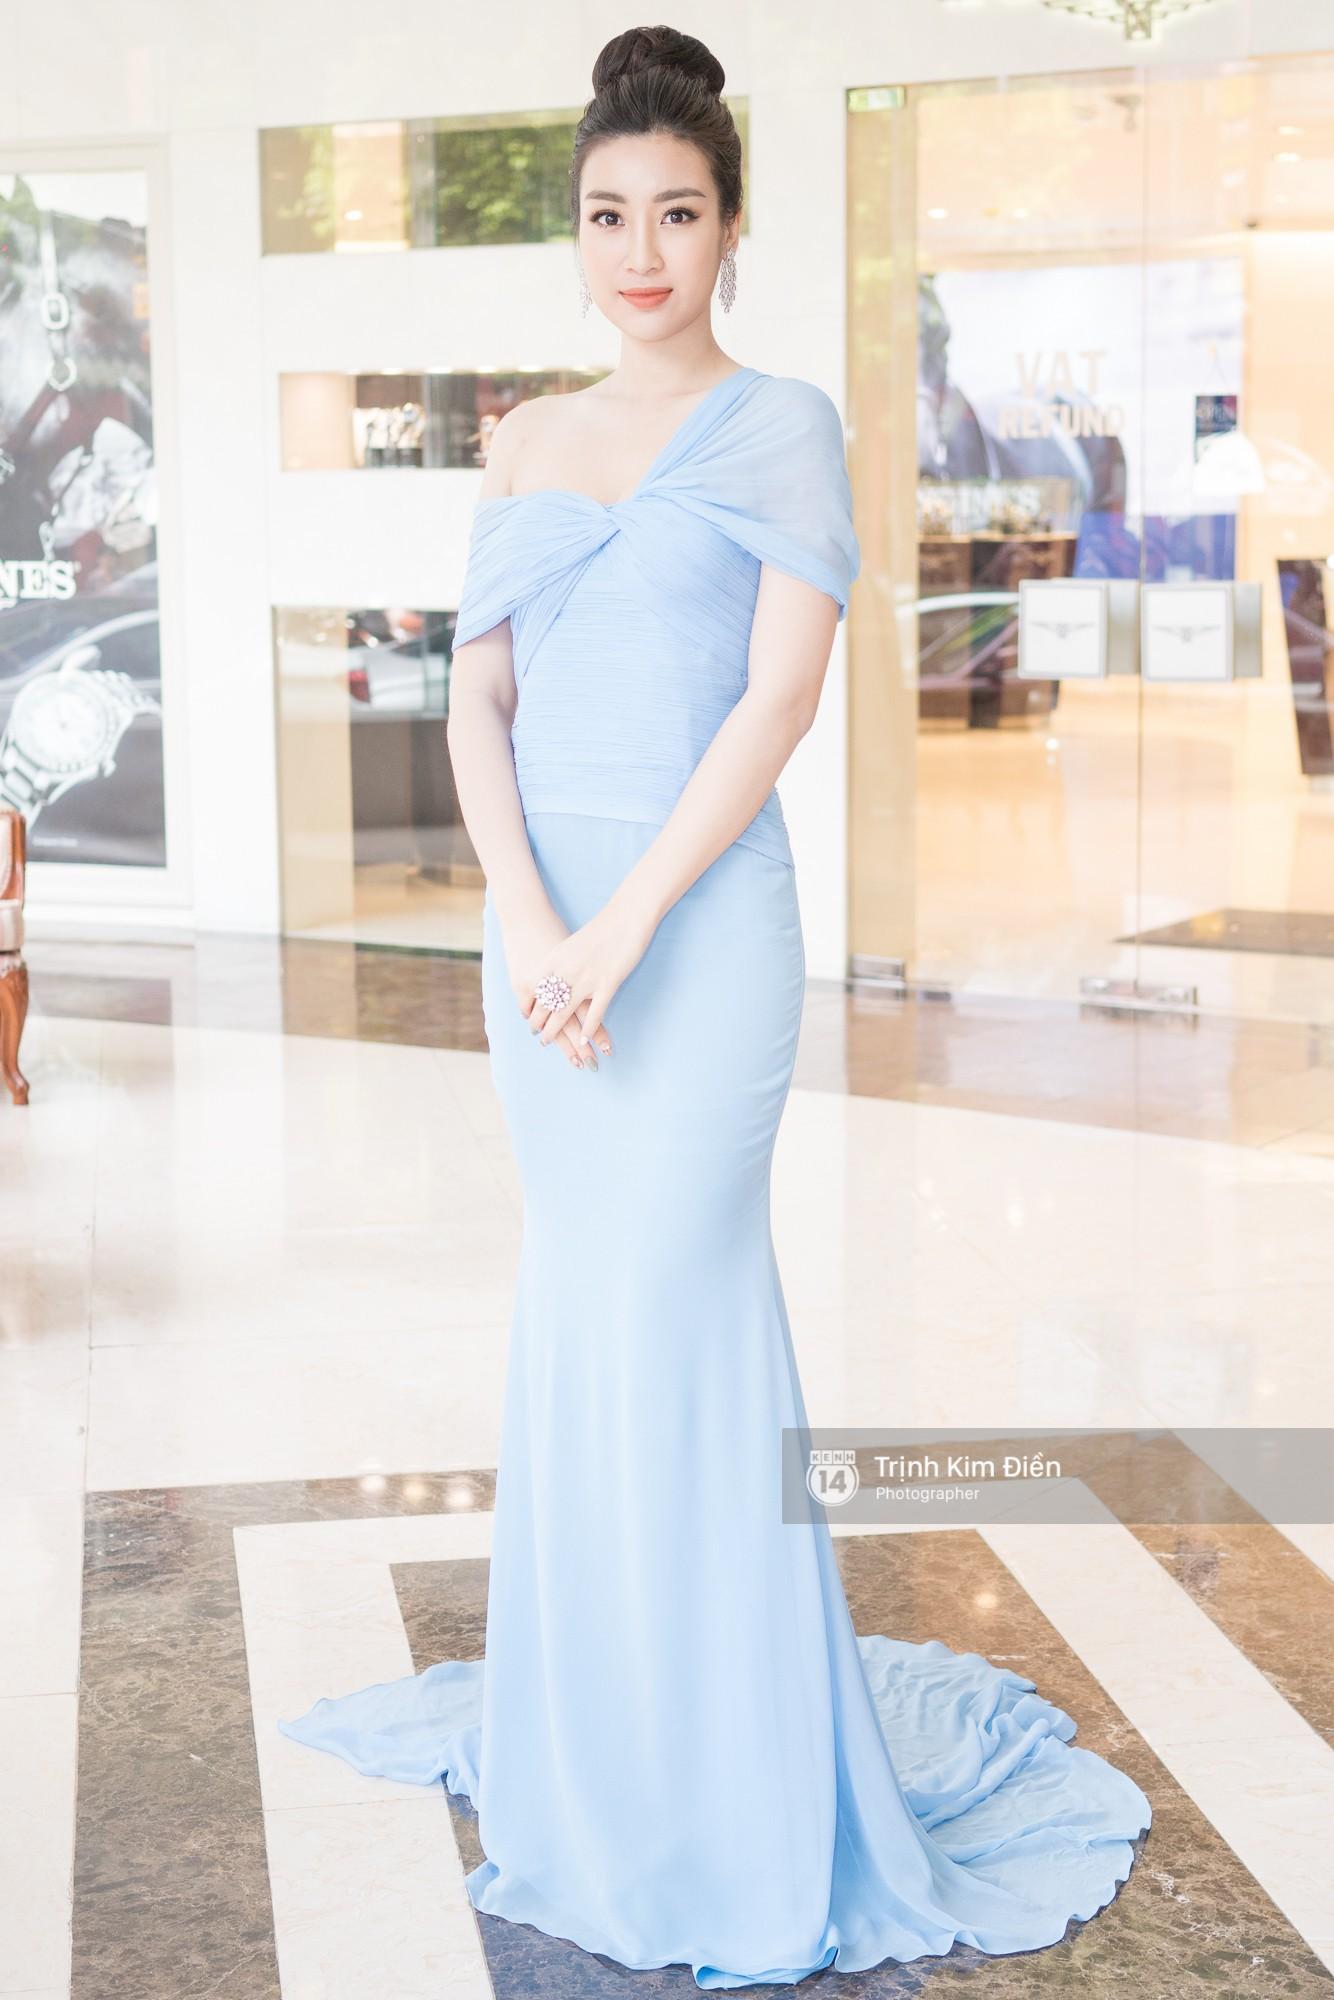 Bộ cánh mới nhất của Hoa hậu Mỹ Linh giống lạ kỳ hàng hiệu từ 6 năm trước của Mai Phương Thúy - Ảnh 2.